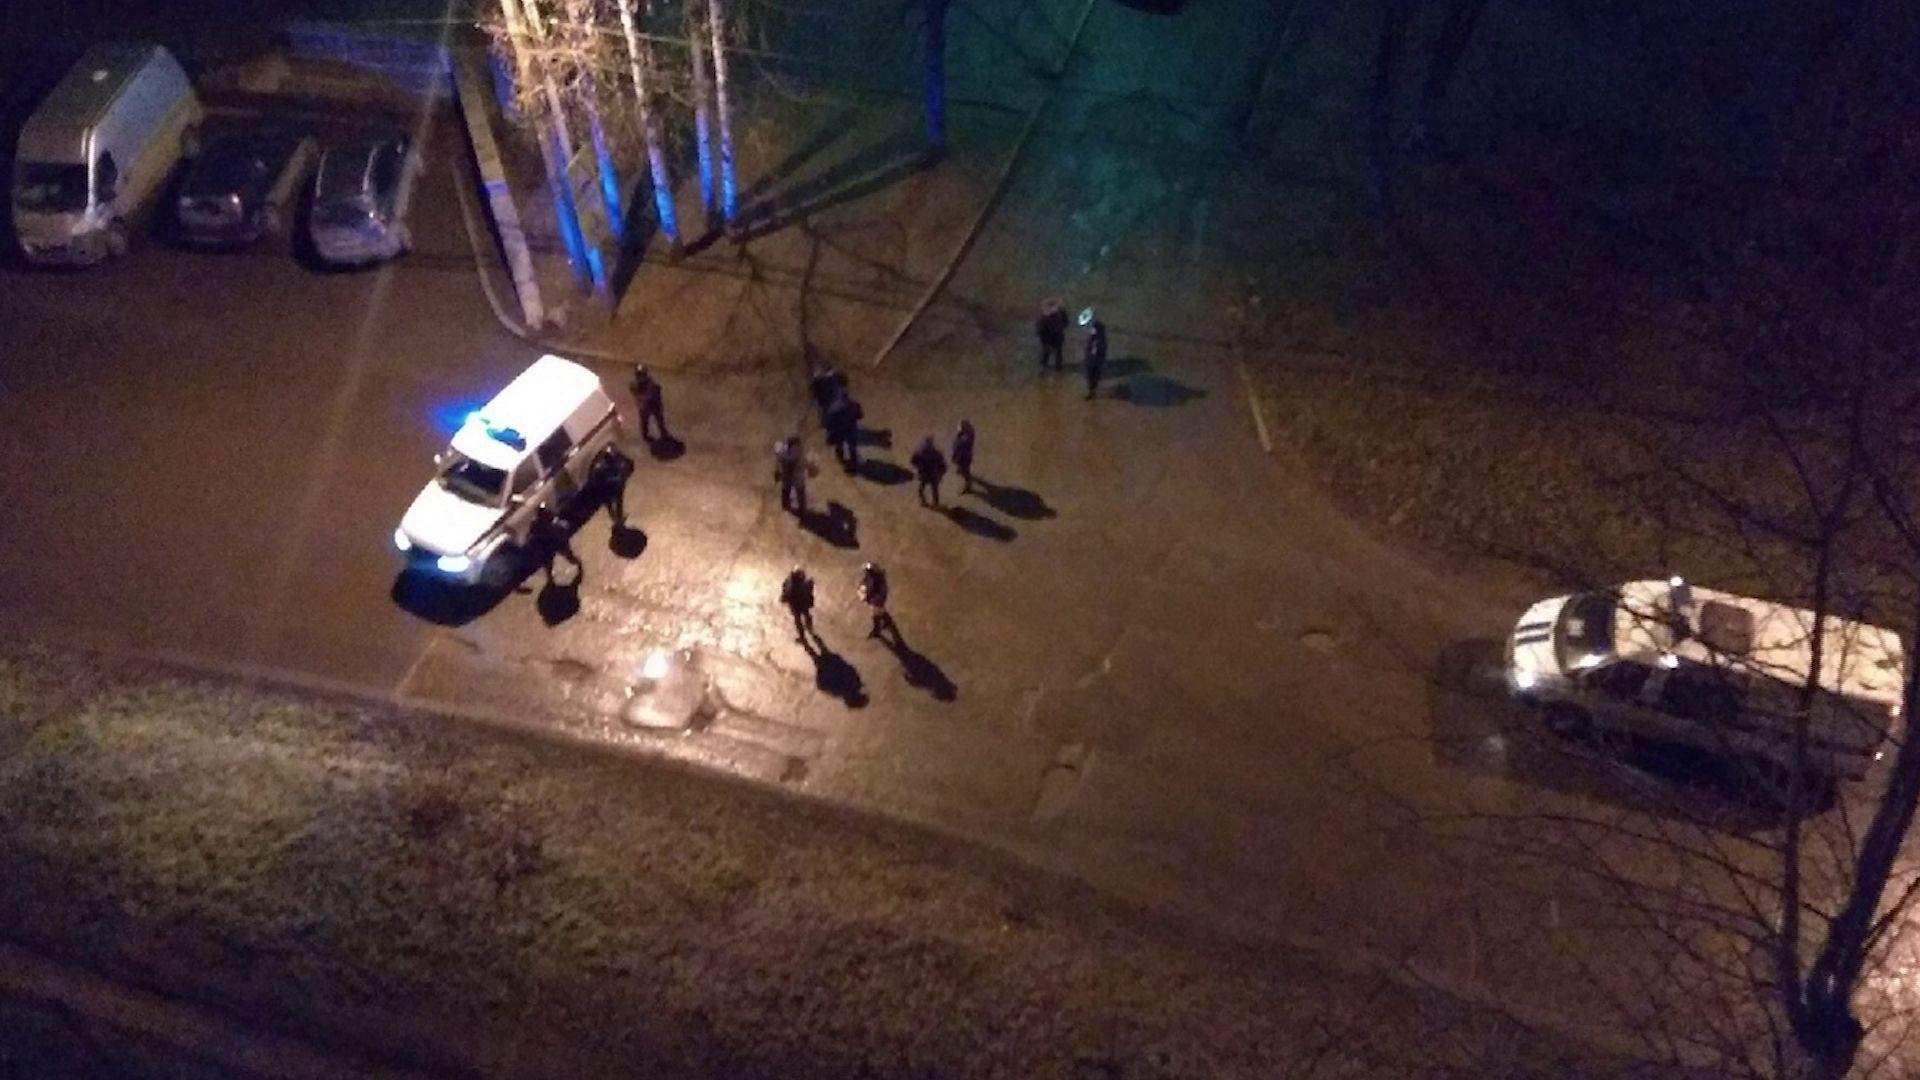 Ночью в Ярославле оцепили проспект Фрунзе: в чем причина